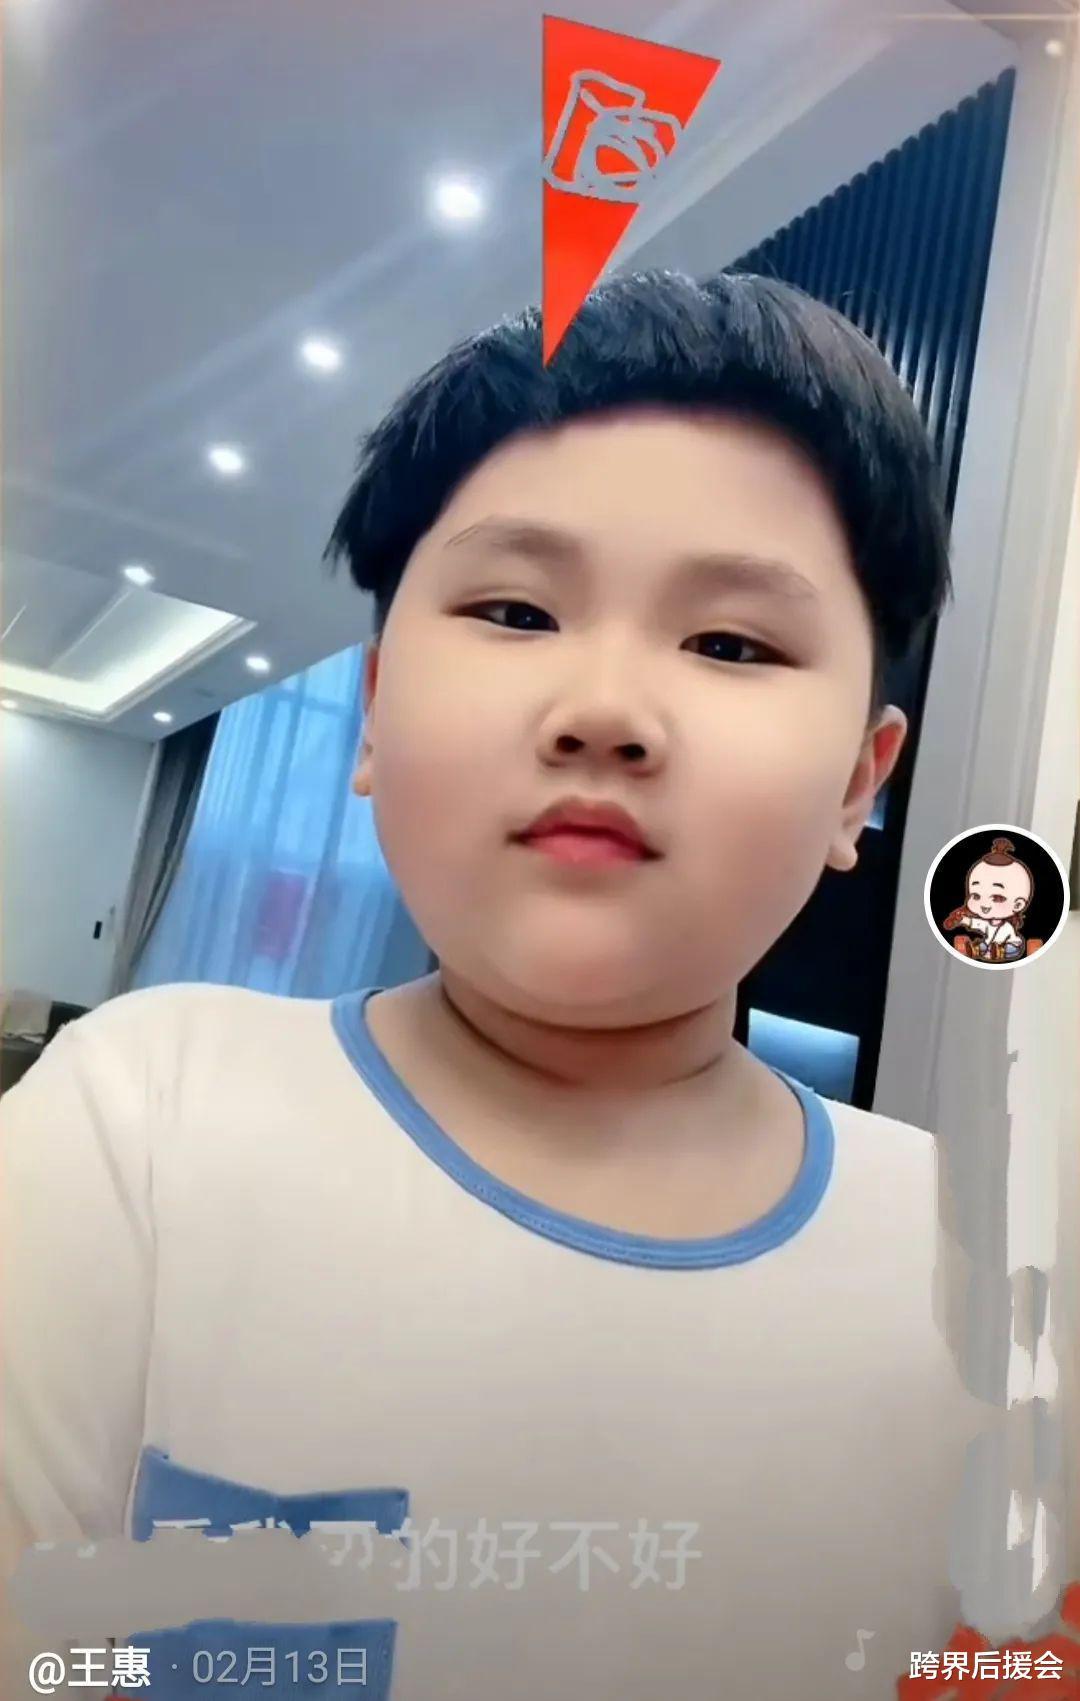 郭德纲小儿子频繁发动态,6岁的年纪长生辫已到腰,颜值酷似哥哥